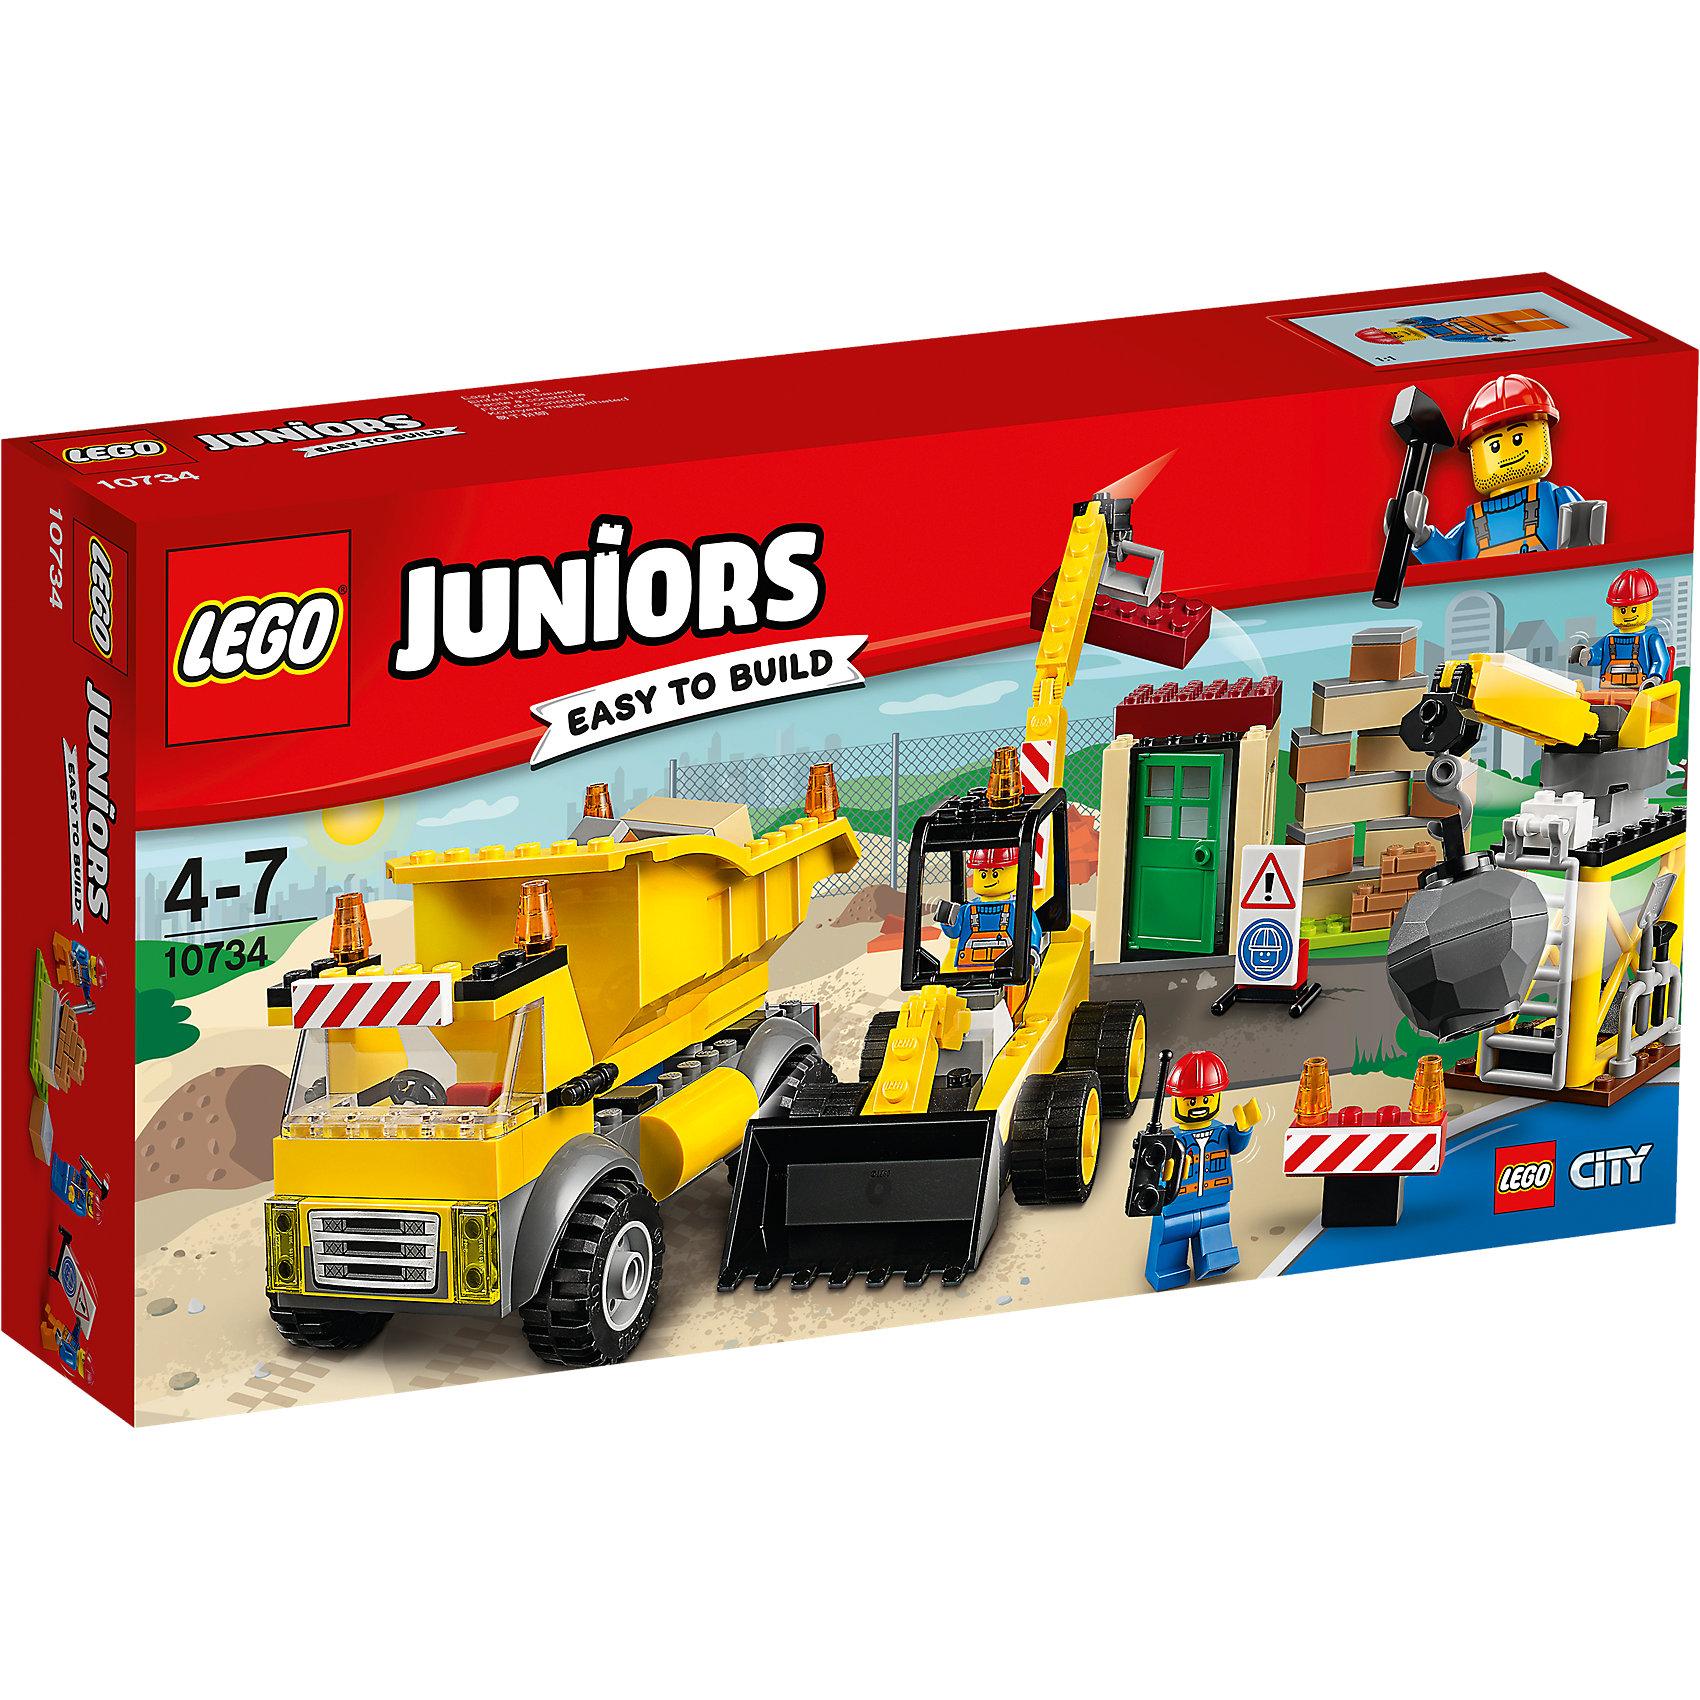 LEGO Juniors 10734: СтройплощадкаLEGO Juniors 10734: Стройплощадка<br><br>Характеристики:<br><br>- в набор входит: детали строительной техники и постройки, 3 минифигурки, аксессуары, красочная инструкция<br>- минифигурки набора: три рабочих<br>- состав: пластик<br>- количество деталей: 175 <br>- размер упаковки: 19 * 7 * 35 см.<br>- для детей в возрасте: от 4 до 7 лет<br>- Страна производитель: Дания/Китай/Чехия<br><br>Легендарный конструктор LEGO (ЛЕГО) представляет серию «Juniors» (Джуниорс) для новичков в строительстве из конструктора ЛЕГО. Набор «Стройплощадка» включает в себя три строительные машины: экскаватор (20 * 6 * 13 см.), самосвал (13 * 6 * 8 см.) и кран для сноса зданий (13 * 5 * 8 см.). В набор входят три минифигурки рабочих в красных касках и с инструментами. Один из них может работать на кране и разрушит старые здания, другой рабочий будет собирать блоки ковшом экскаватора, а третий будет отвозить на самосвале ненужные детали и привозить новые для постройки нового дома. В наборе имеются дорожные знаки для обеспечения безопасности работ. Небольшая постройка набора отлично разбирается и собирается и позволяет игре быть еще более реалистичной. Играя с конструктором ребенок развивает моторику рук, воображение и логическое мышление. Придумывайте новые игры с набором LEGO «Juniors»!<br><br>Конструктор LEGO Juniors 10734: Стройплощадка можно купить в нашем интернет-магазине.<br><br>Ширина мм: 356<br>Глубина мм: 190<br>Высота мм: 78<br>Вес г: 537<br>Возраст от месяцев: 48<br>Возраст до месяцев: 84<br>Пол: Мужской<br>Возраст: Детский<br>SKU: 5002523